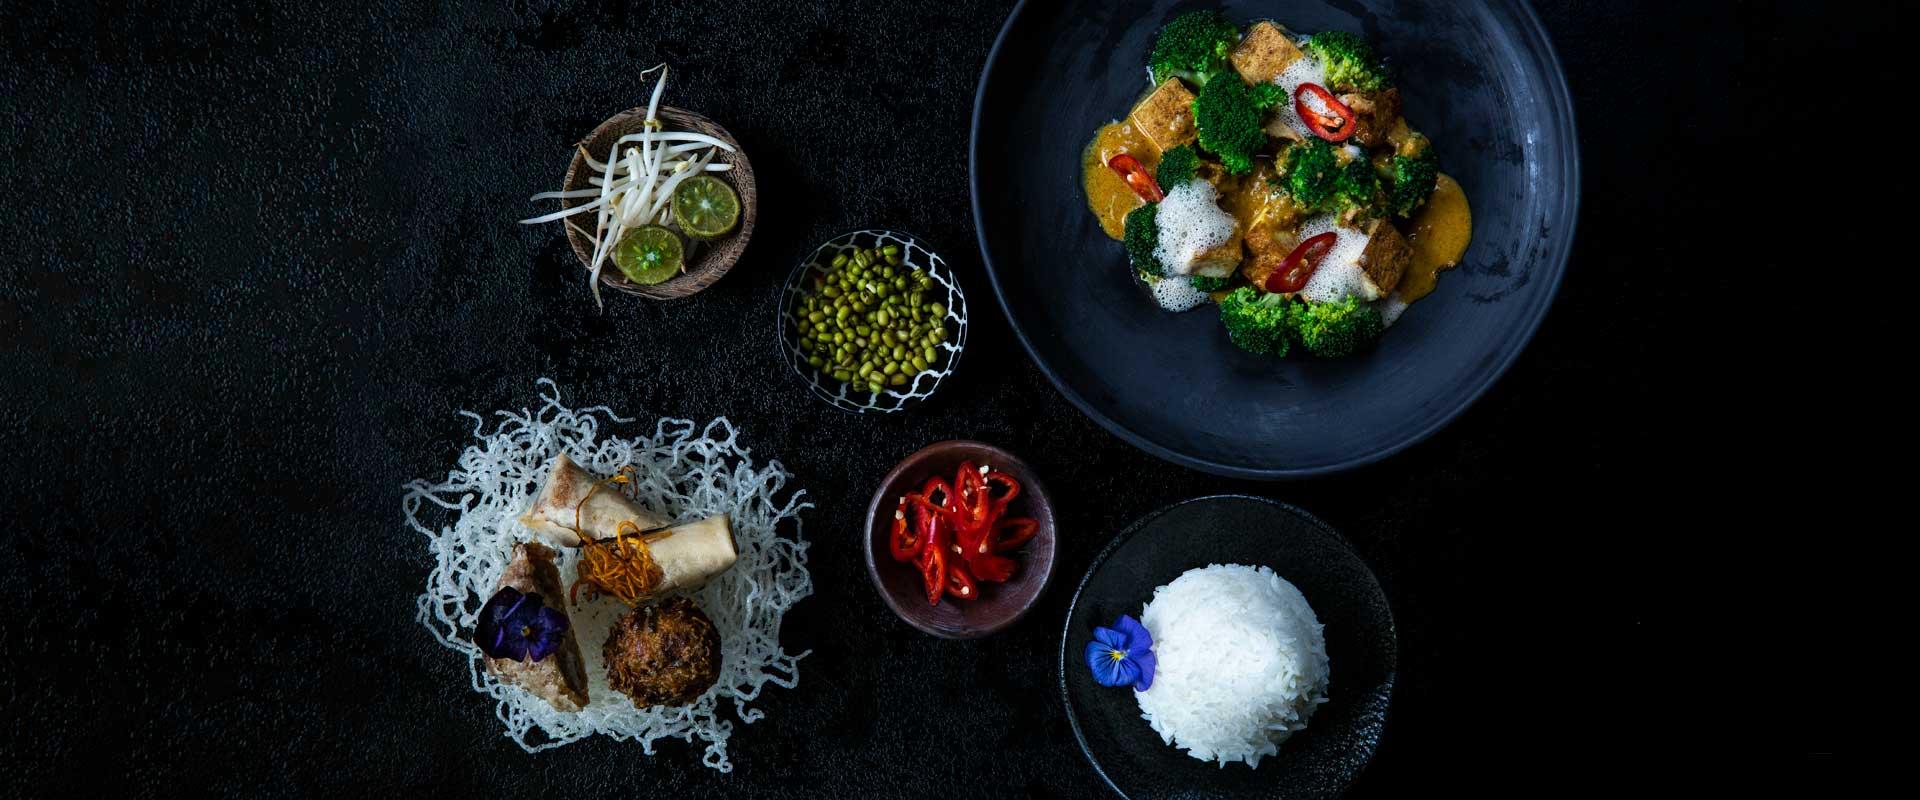 Gesundes vegetarisches Essen in all seiner indonesischen Vielfalt